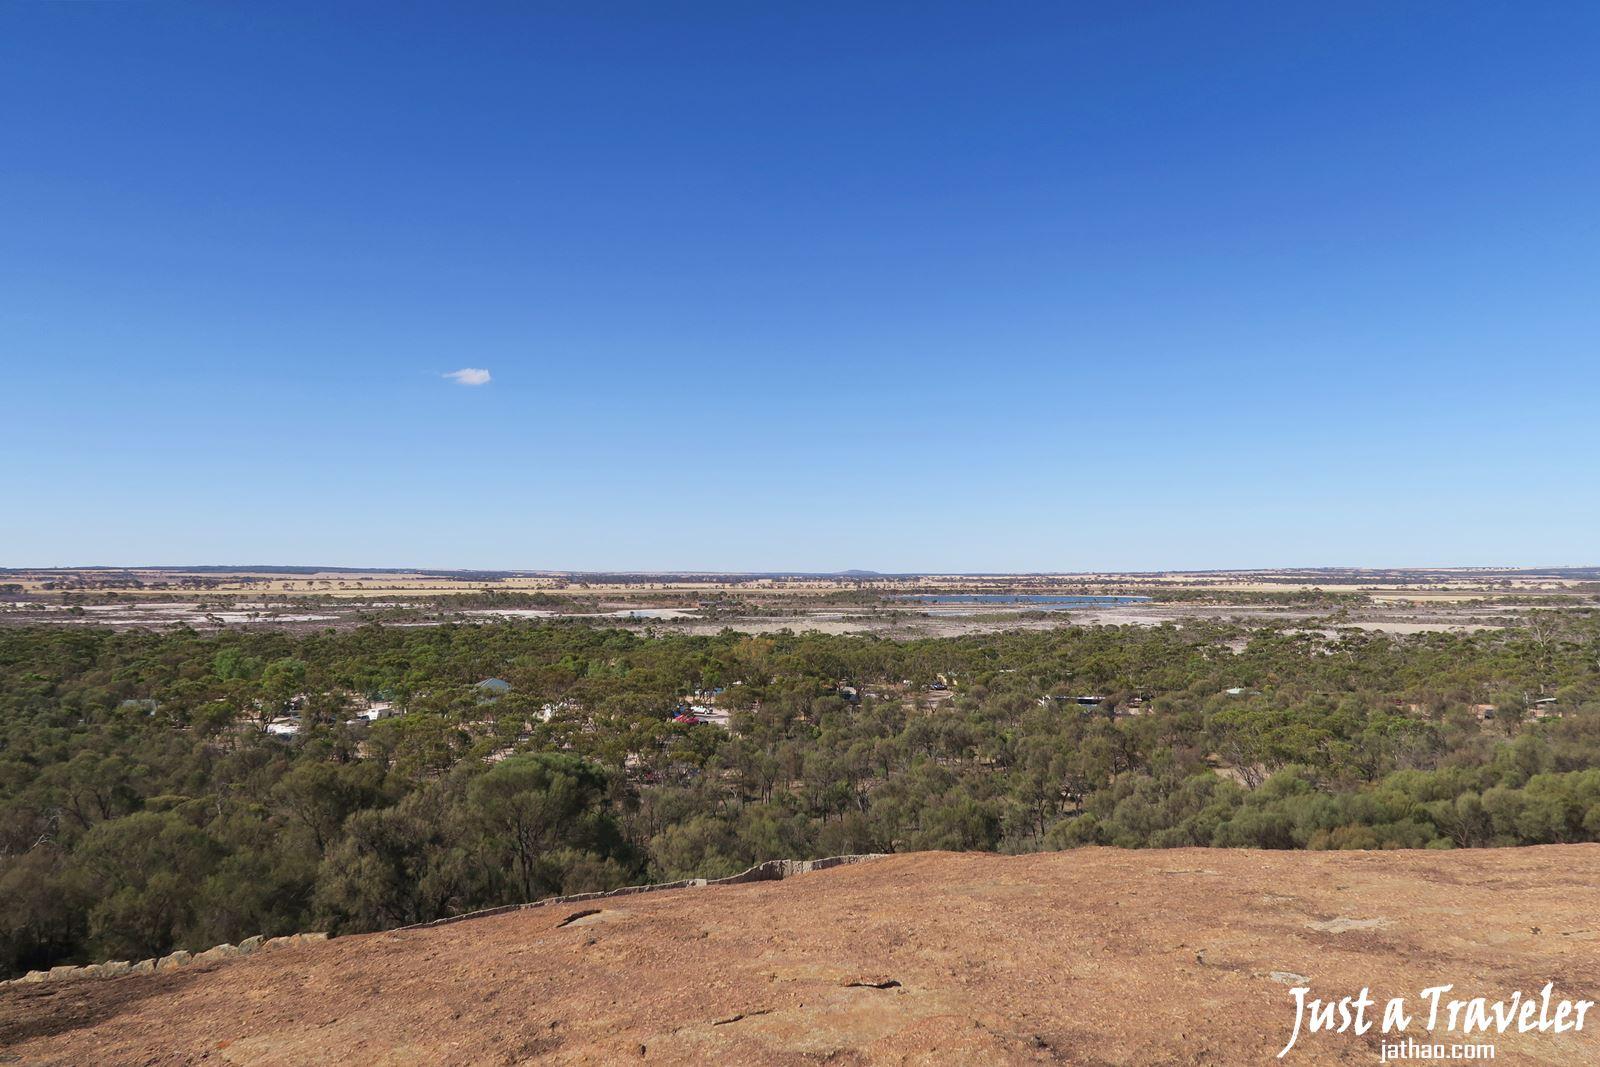 澳洲-西澳-伯斯-推薦-景點-波浪岩-自由行-旅遊-行程-一日遊-二日遊-遊記-旅遊-觀光-Australia-Perth-Wave-Rock